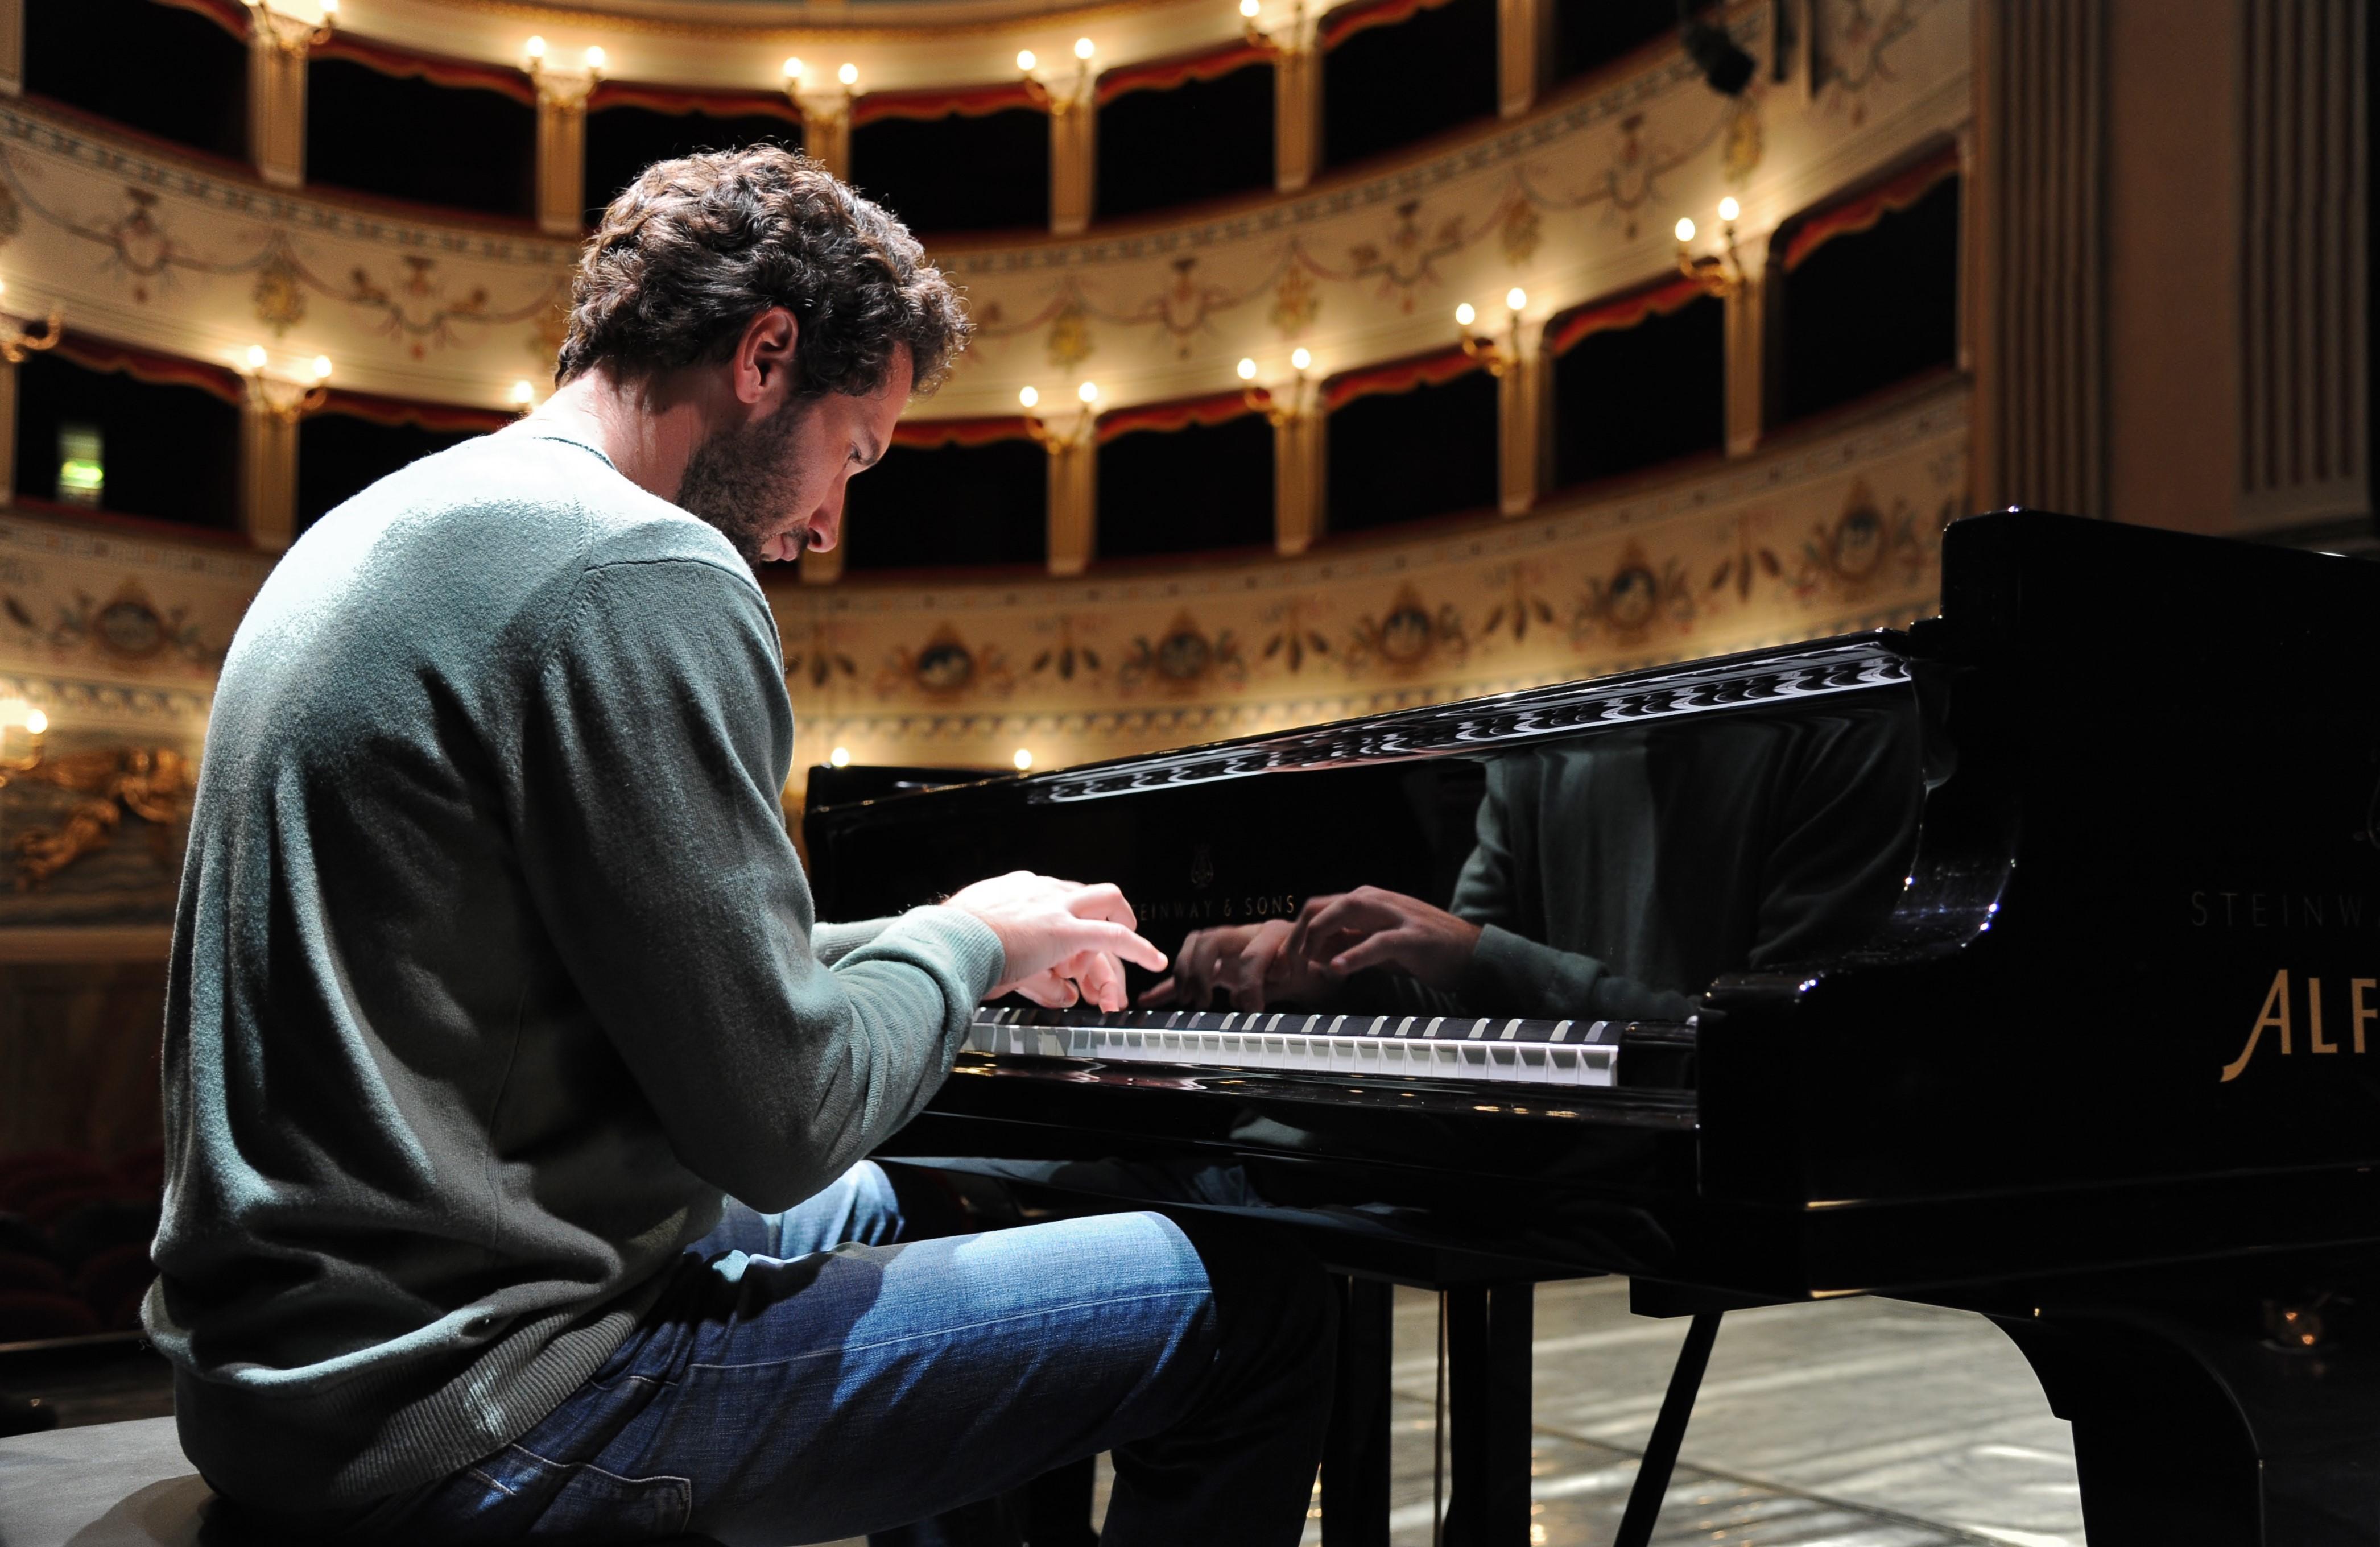 Stagione lirica Noto, il 30 gennaio il debutto col pianista Marco Ciampi